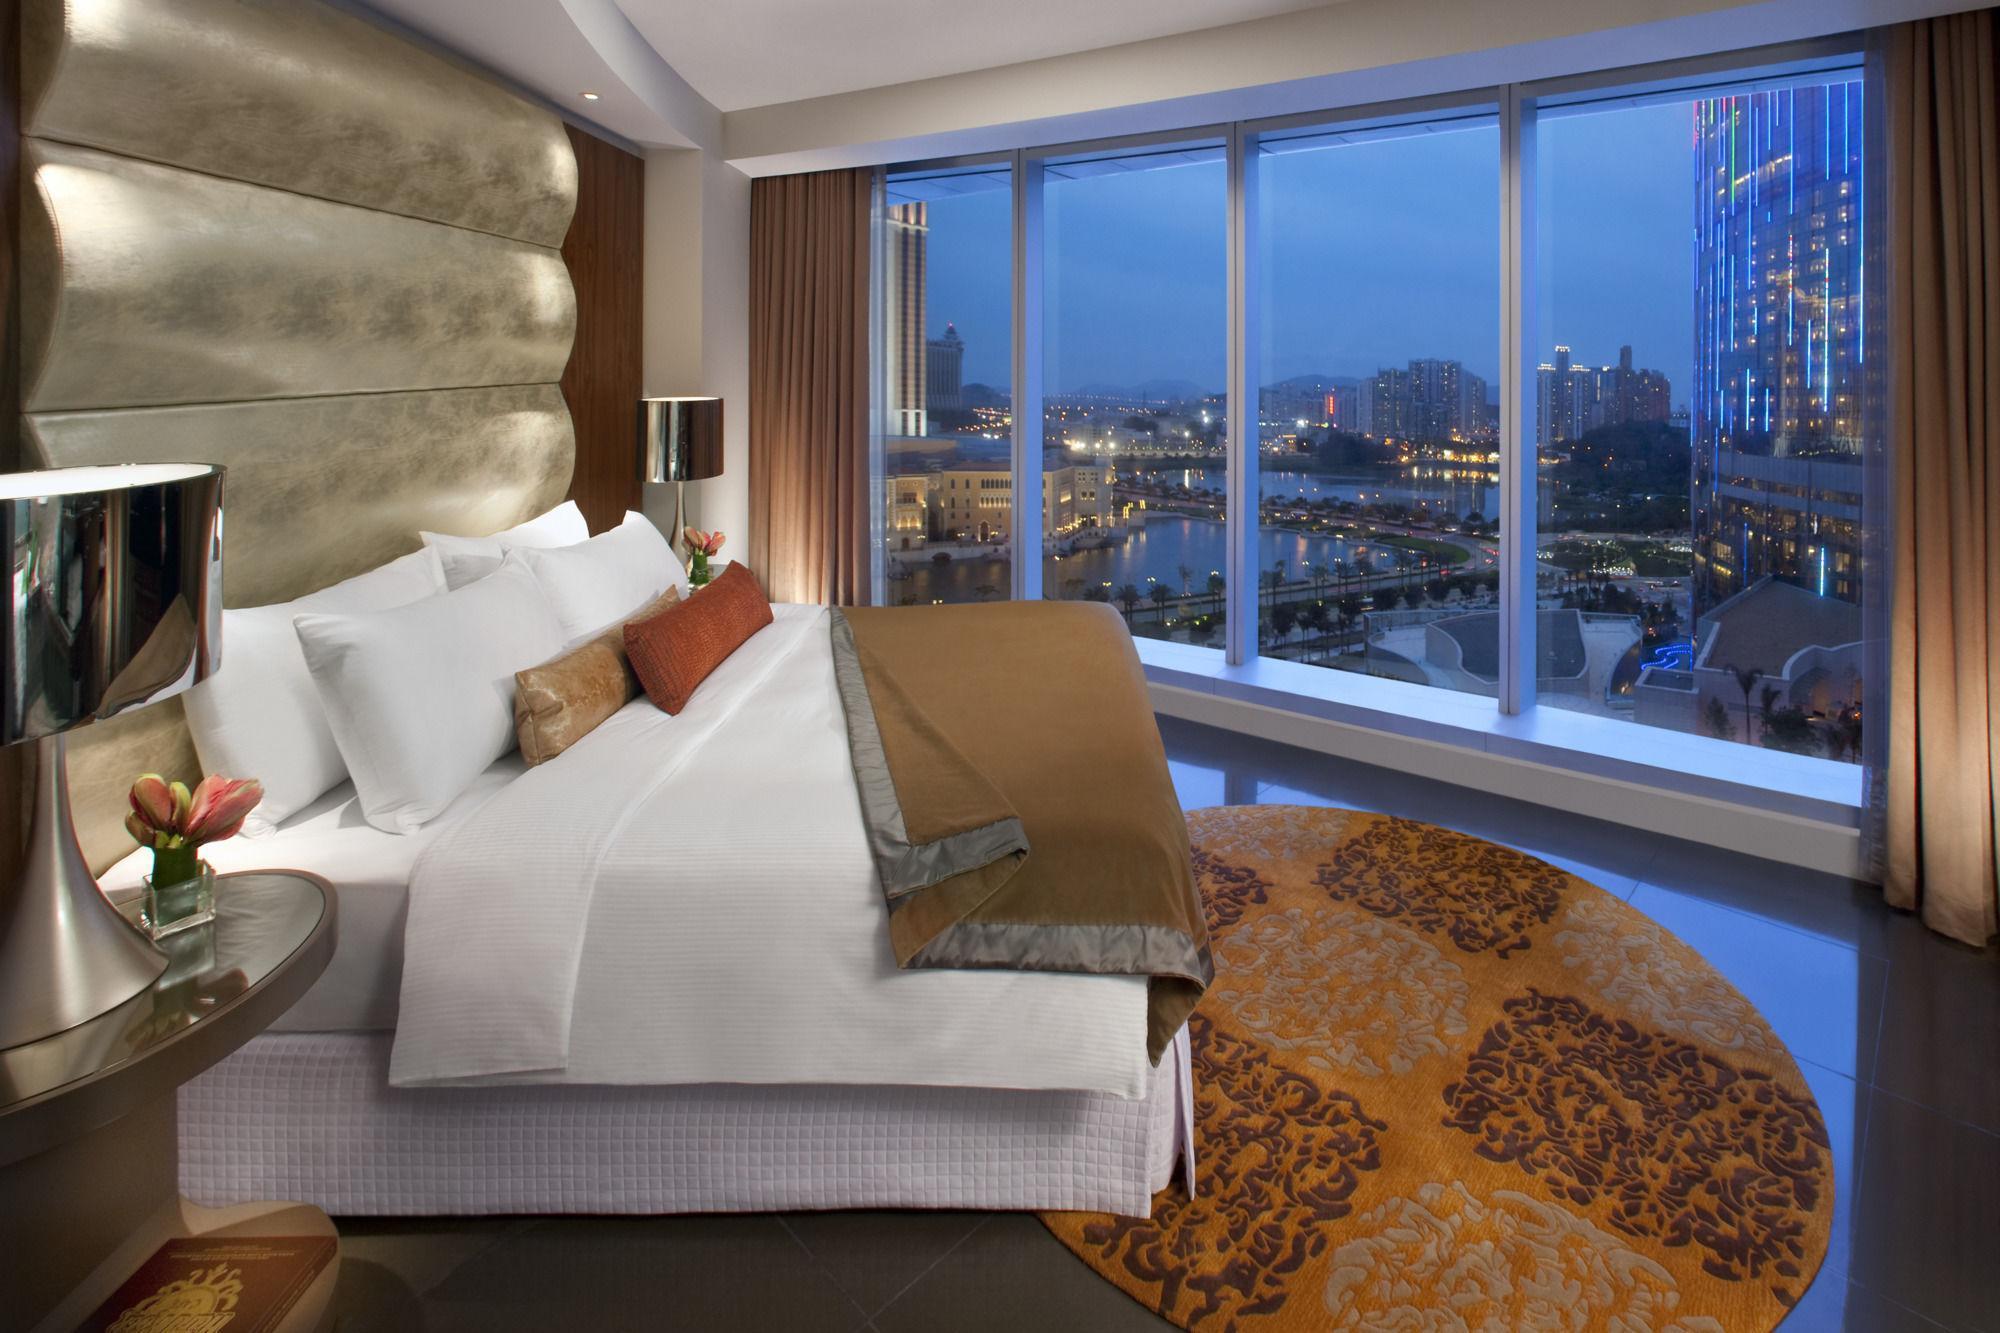 City of Dreams - The Countdown Hotel, Cotai